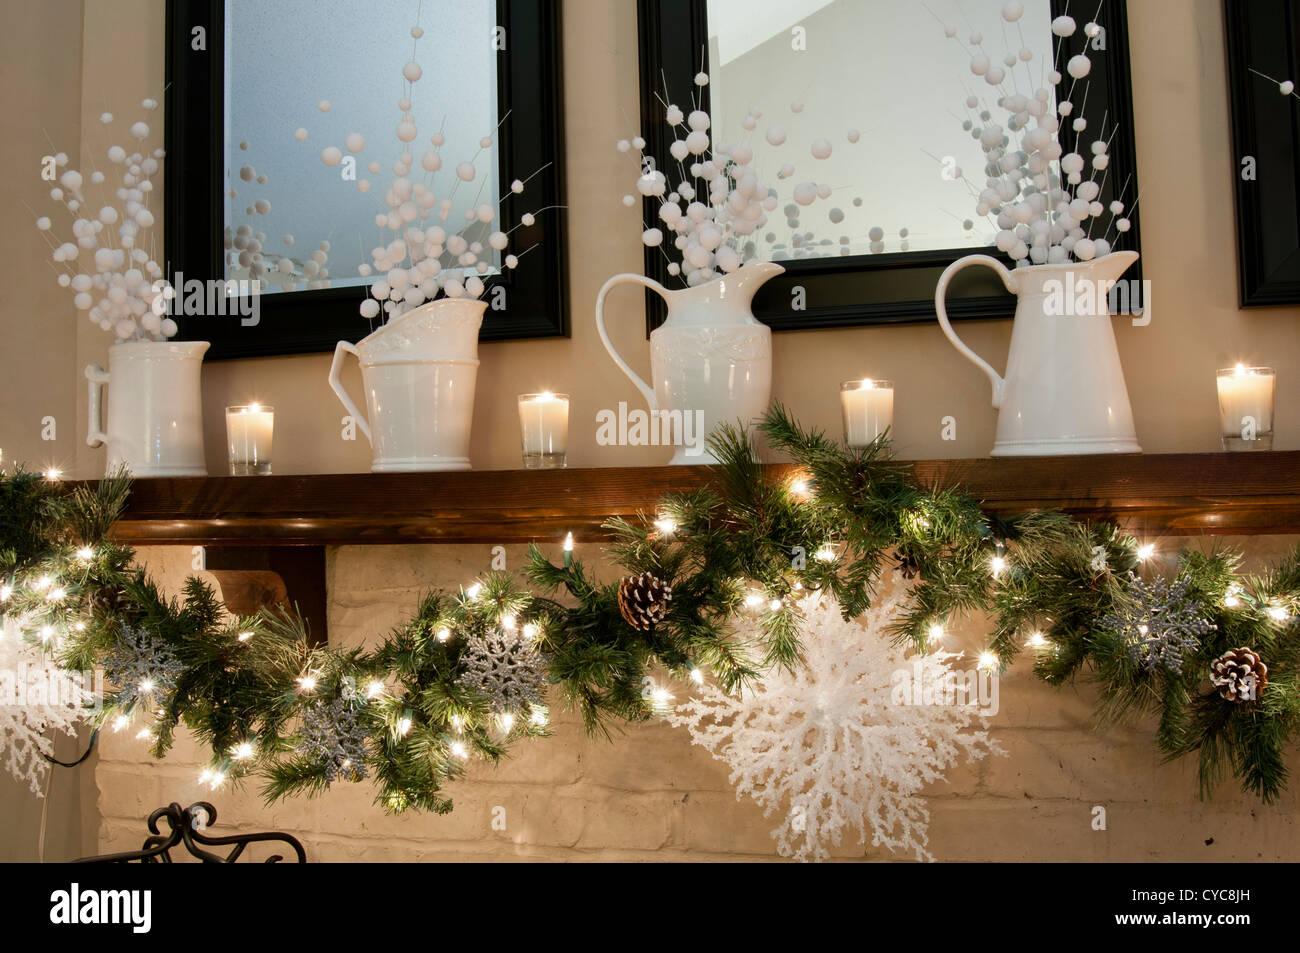 Decoration De Noel Accueil Autour D Un Manteau De Cheminee Photo Stock Alamy